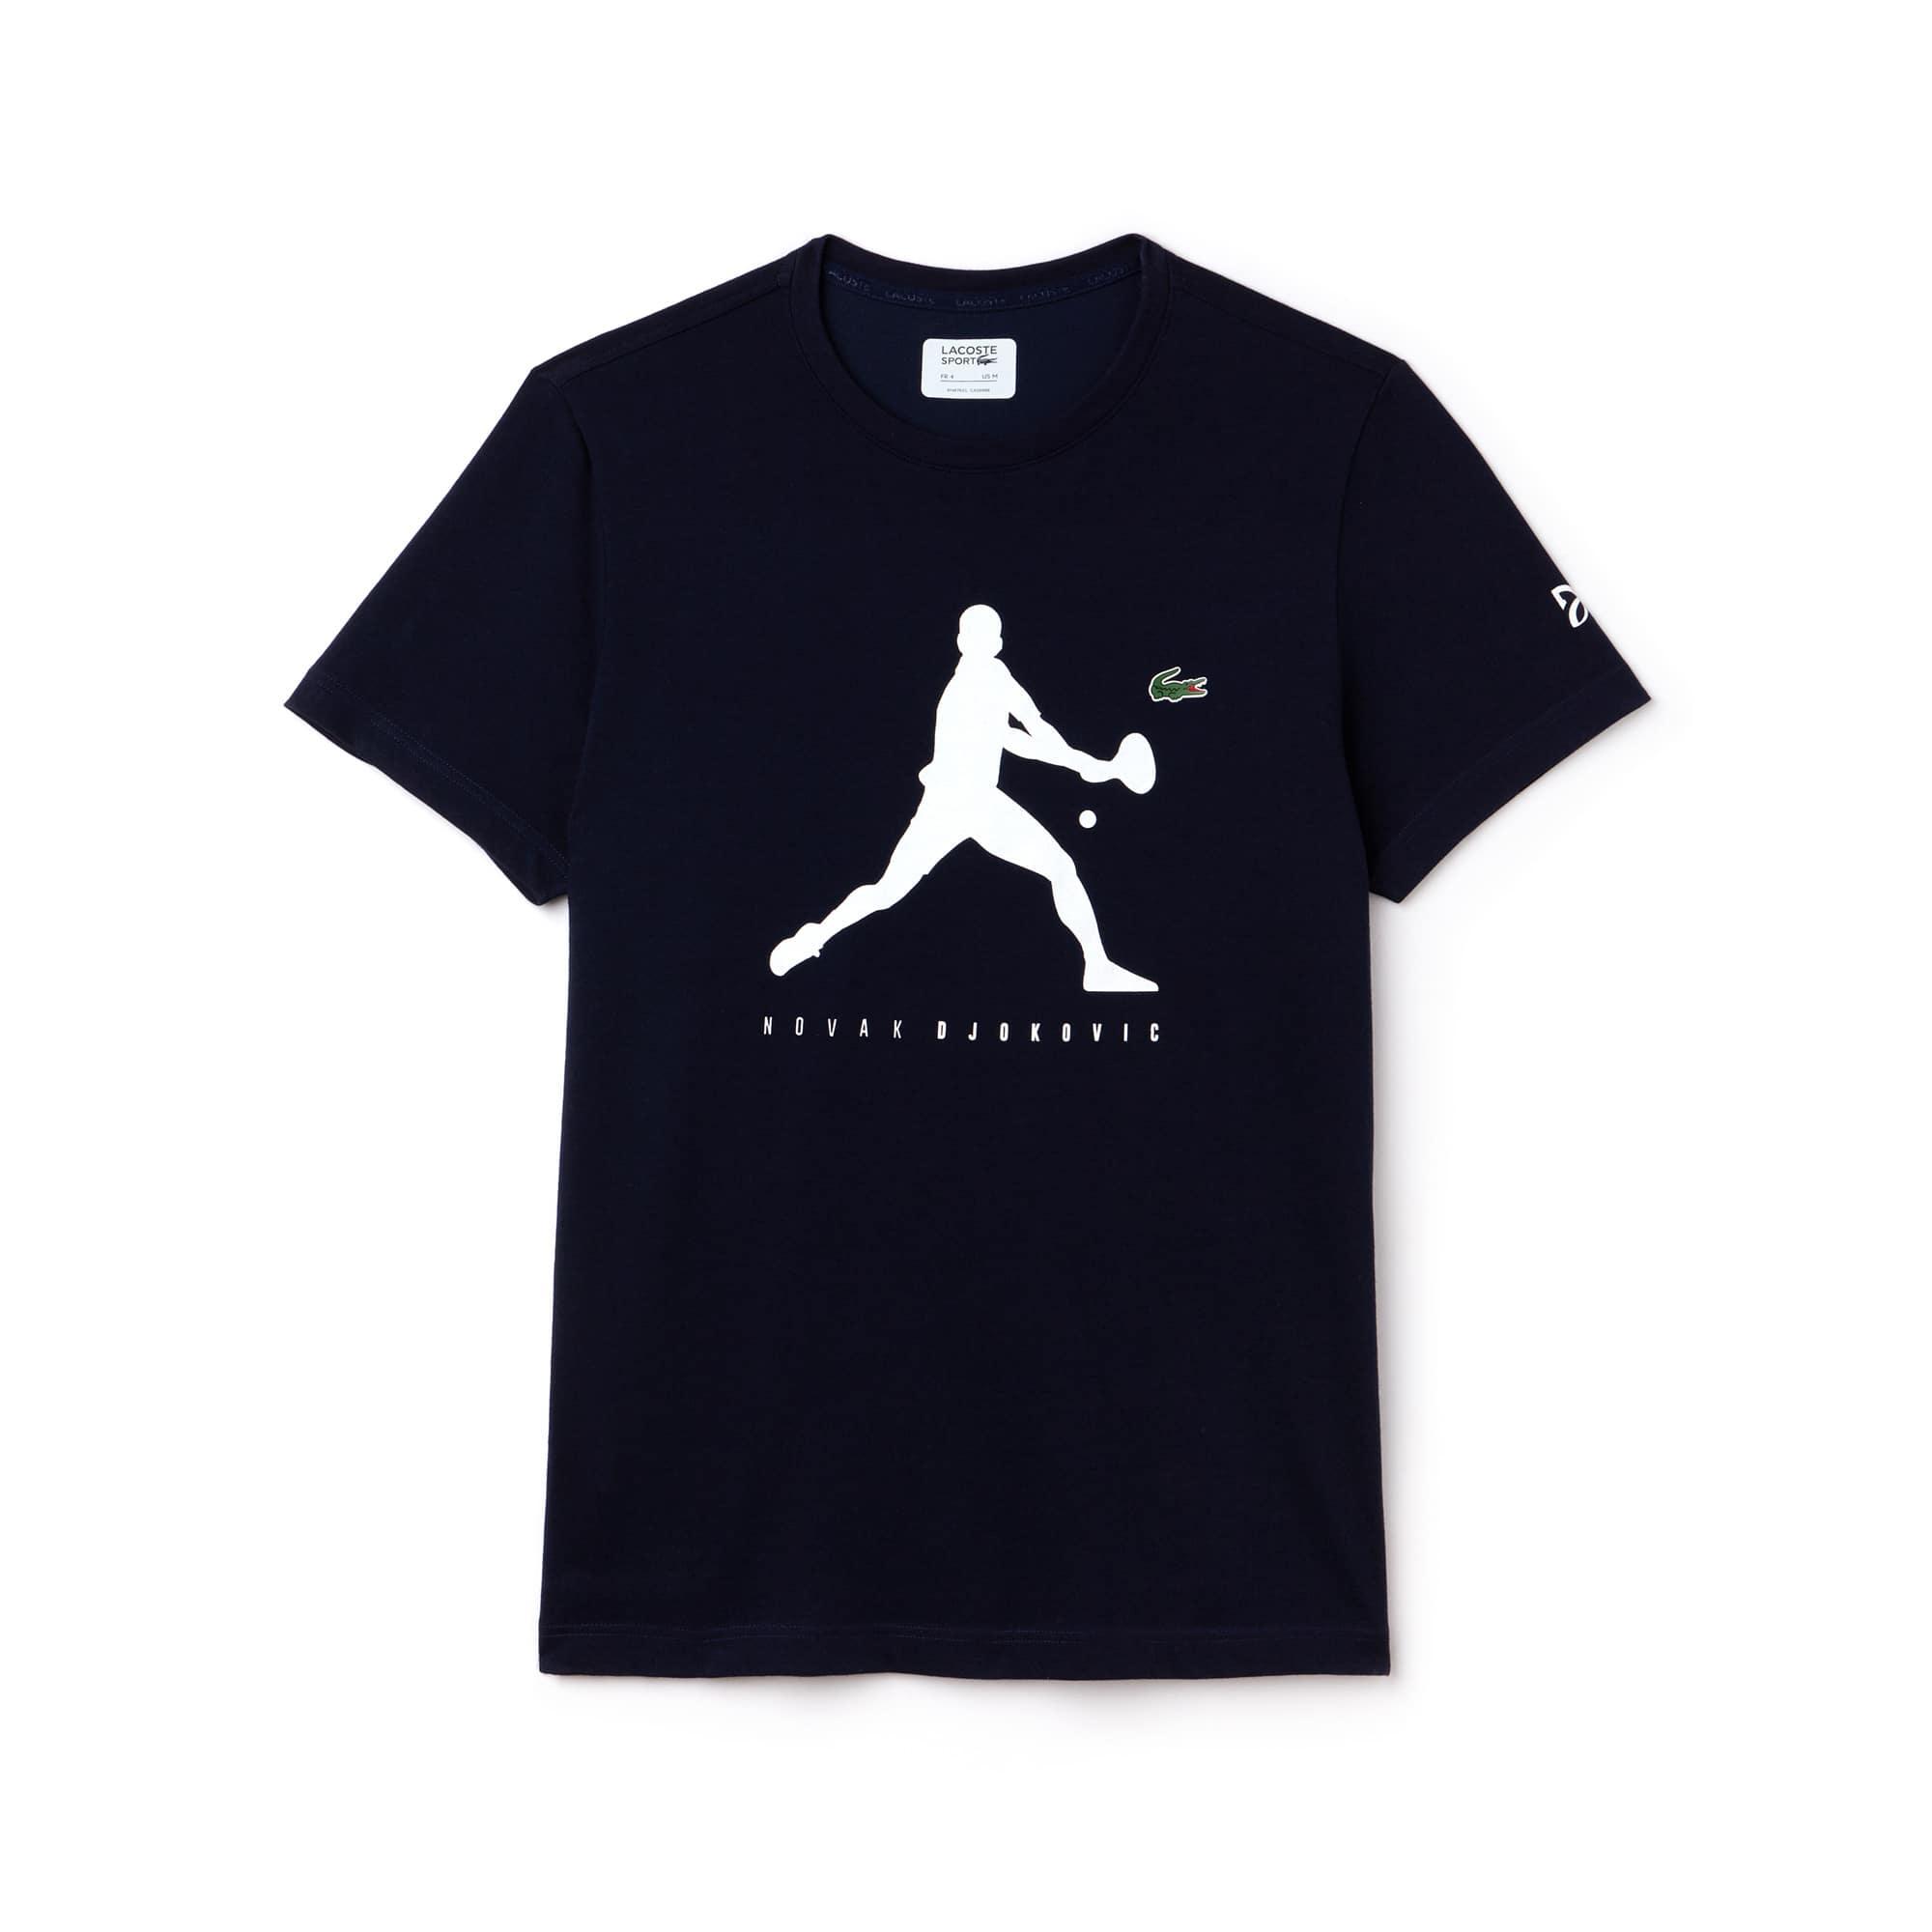 Men's SPORT Tennis Tech Jersey T-shirt - Novak Djokovic Supporter Collection